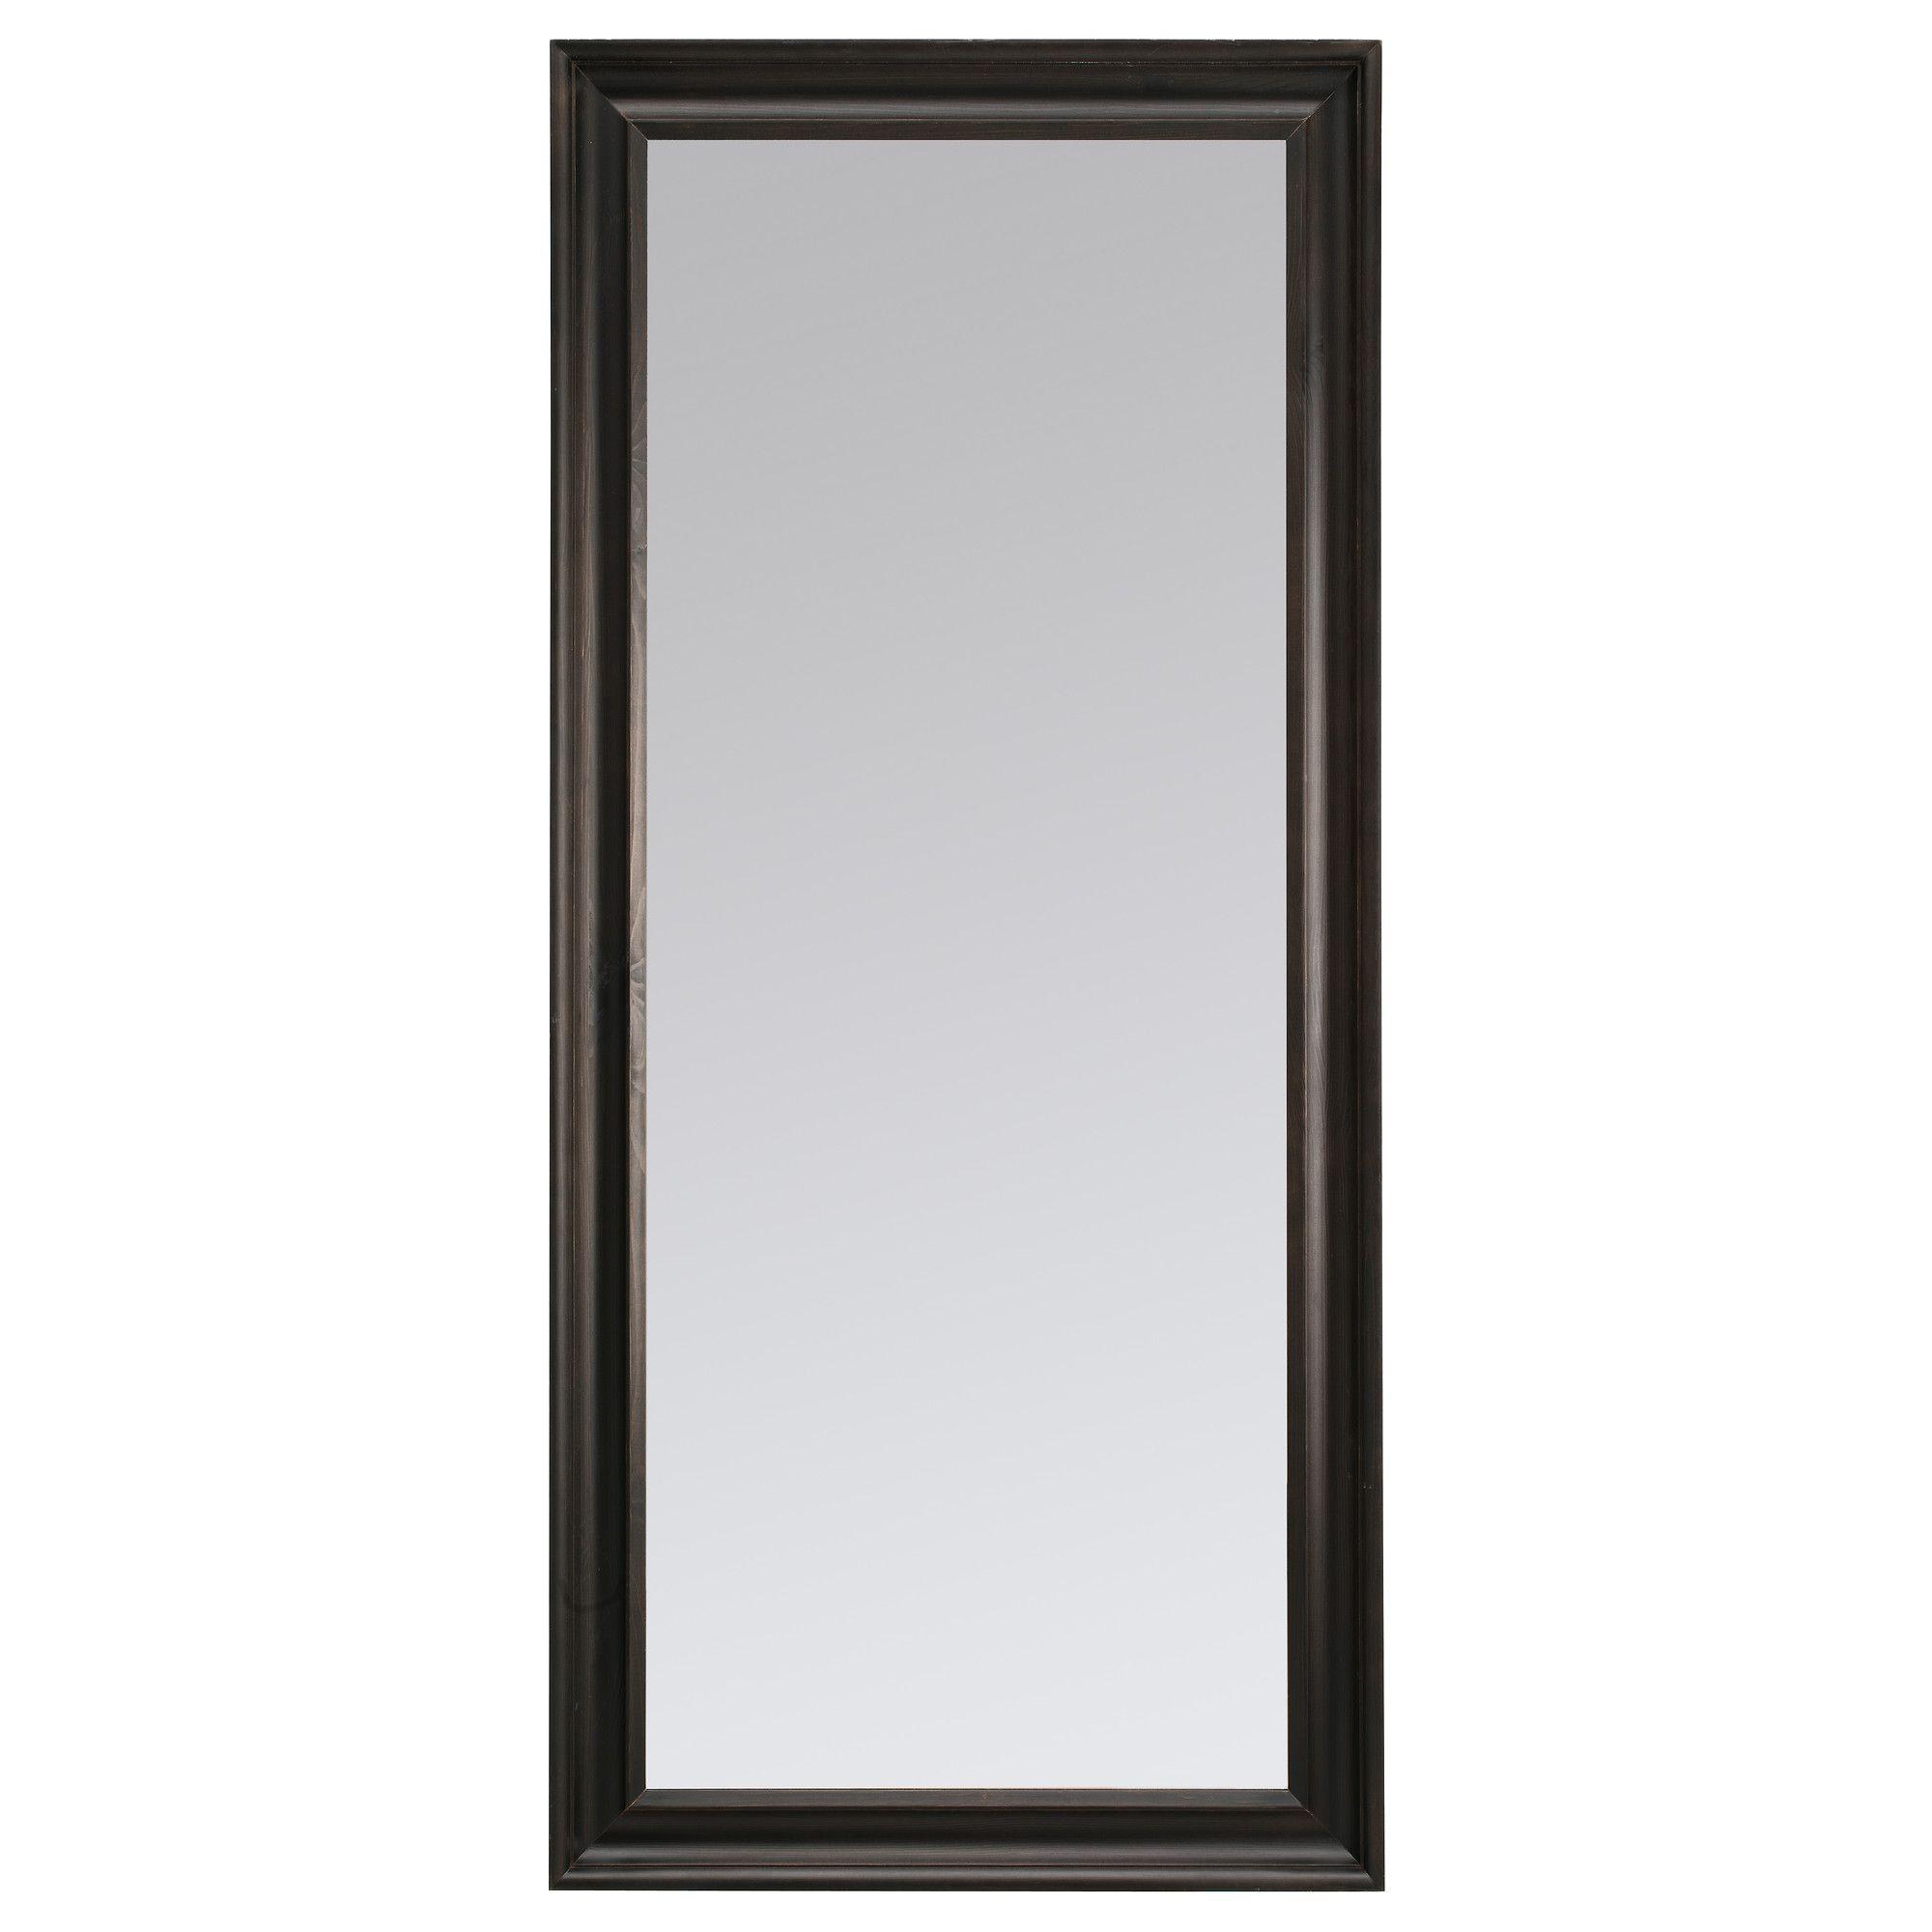 HEMNES Spegel, svartbrun Badrum, House och Inredning